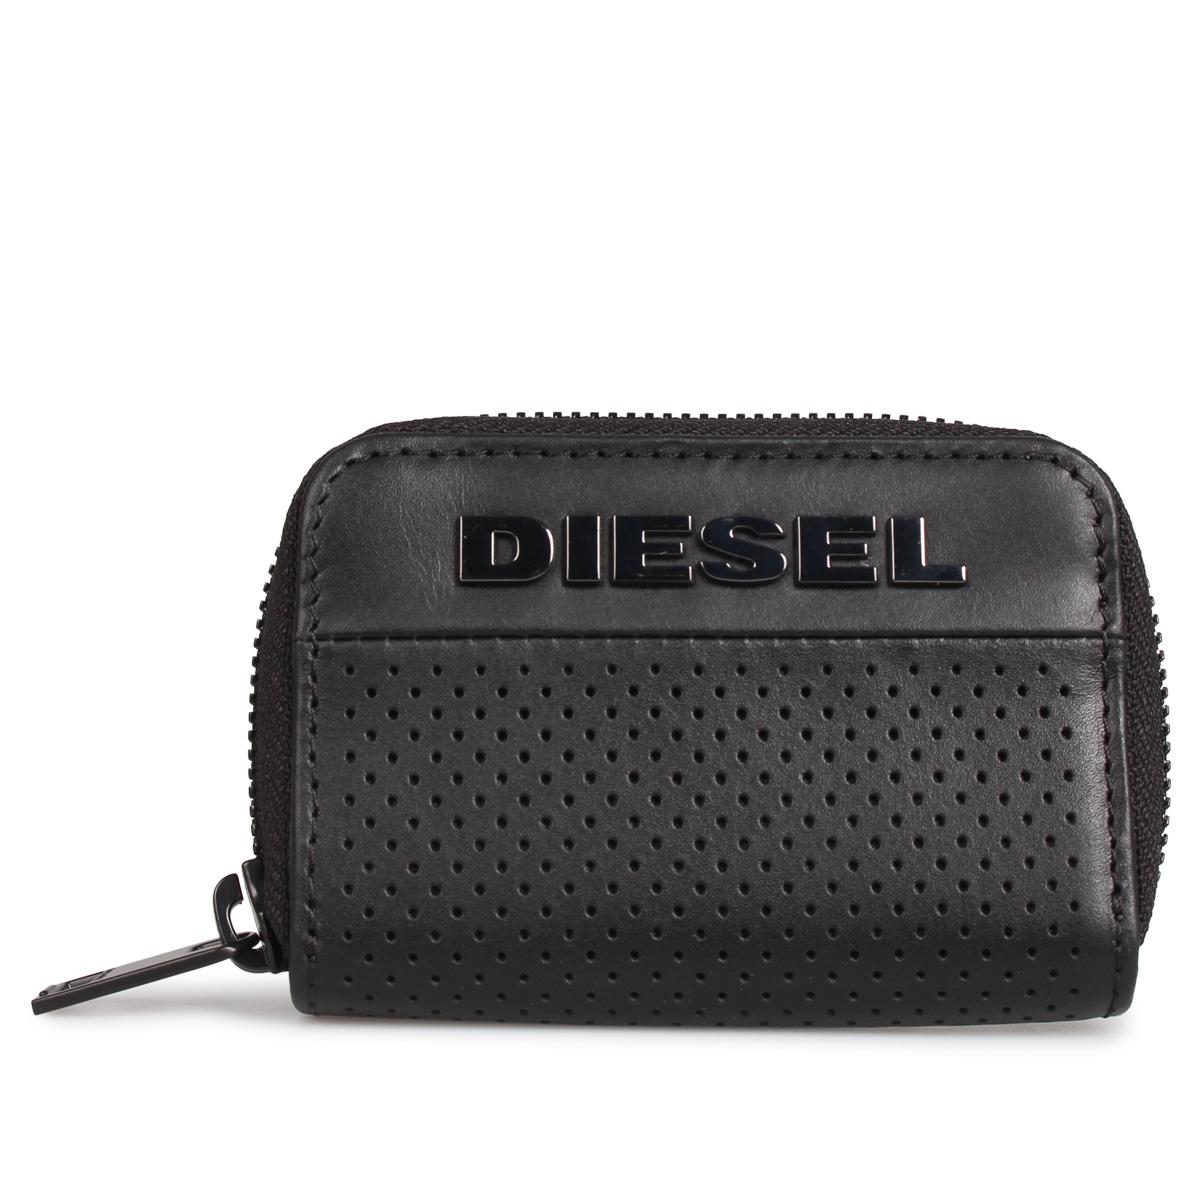 DIESEL COIN CASE ディーゼル 財布 小銭入れ コインケース メンズ ラウンドファスナー ブラック 黒 X06759-PR879